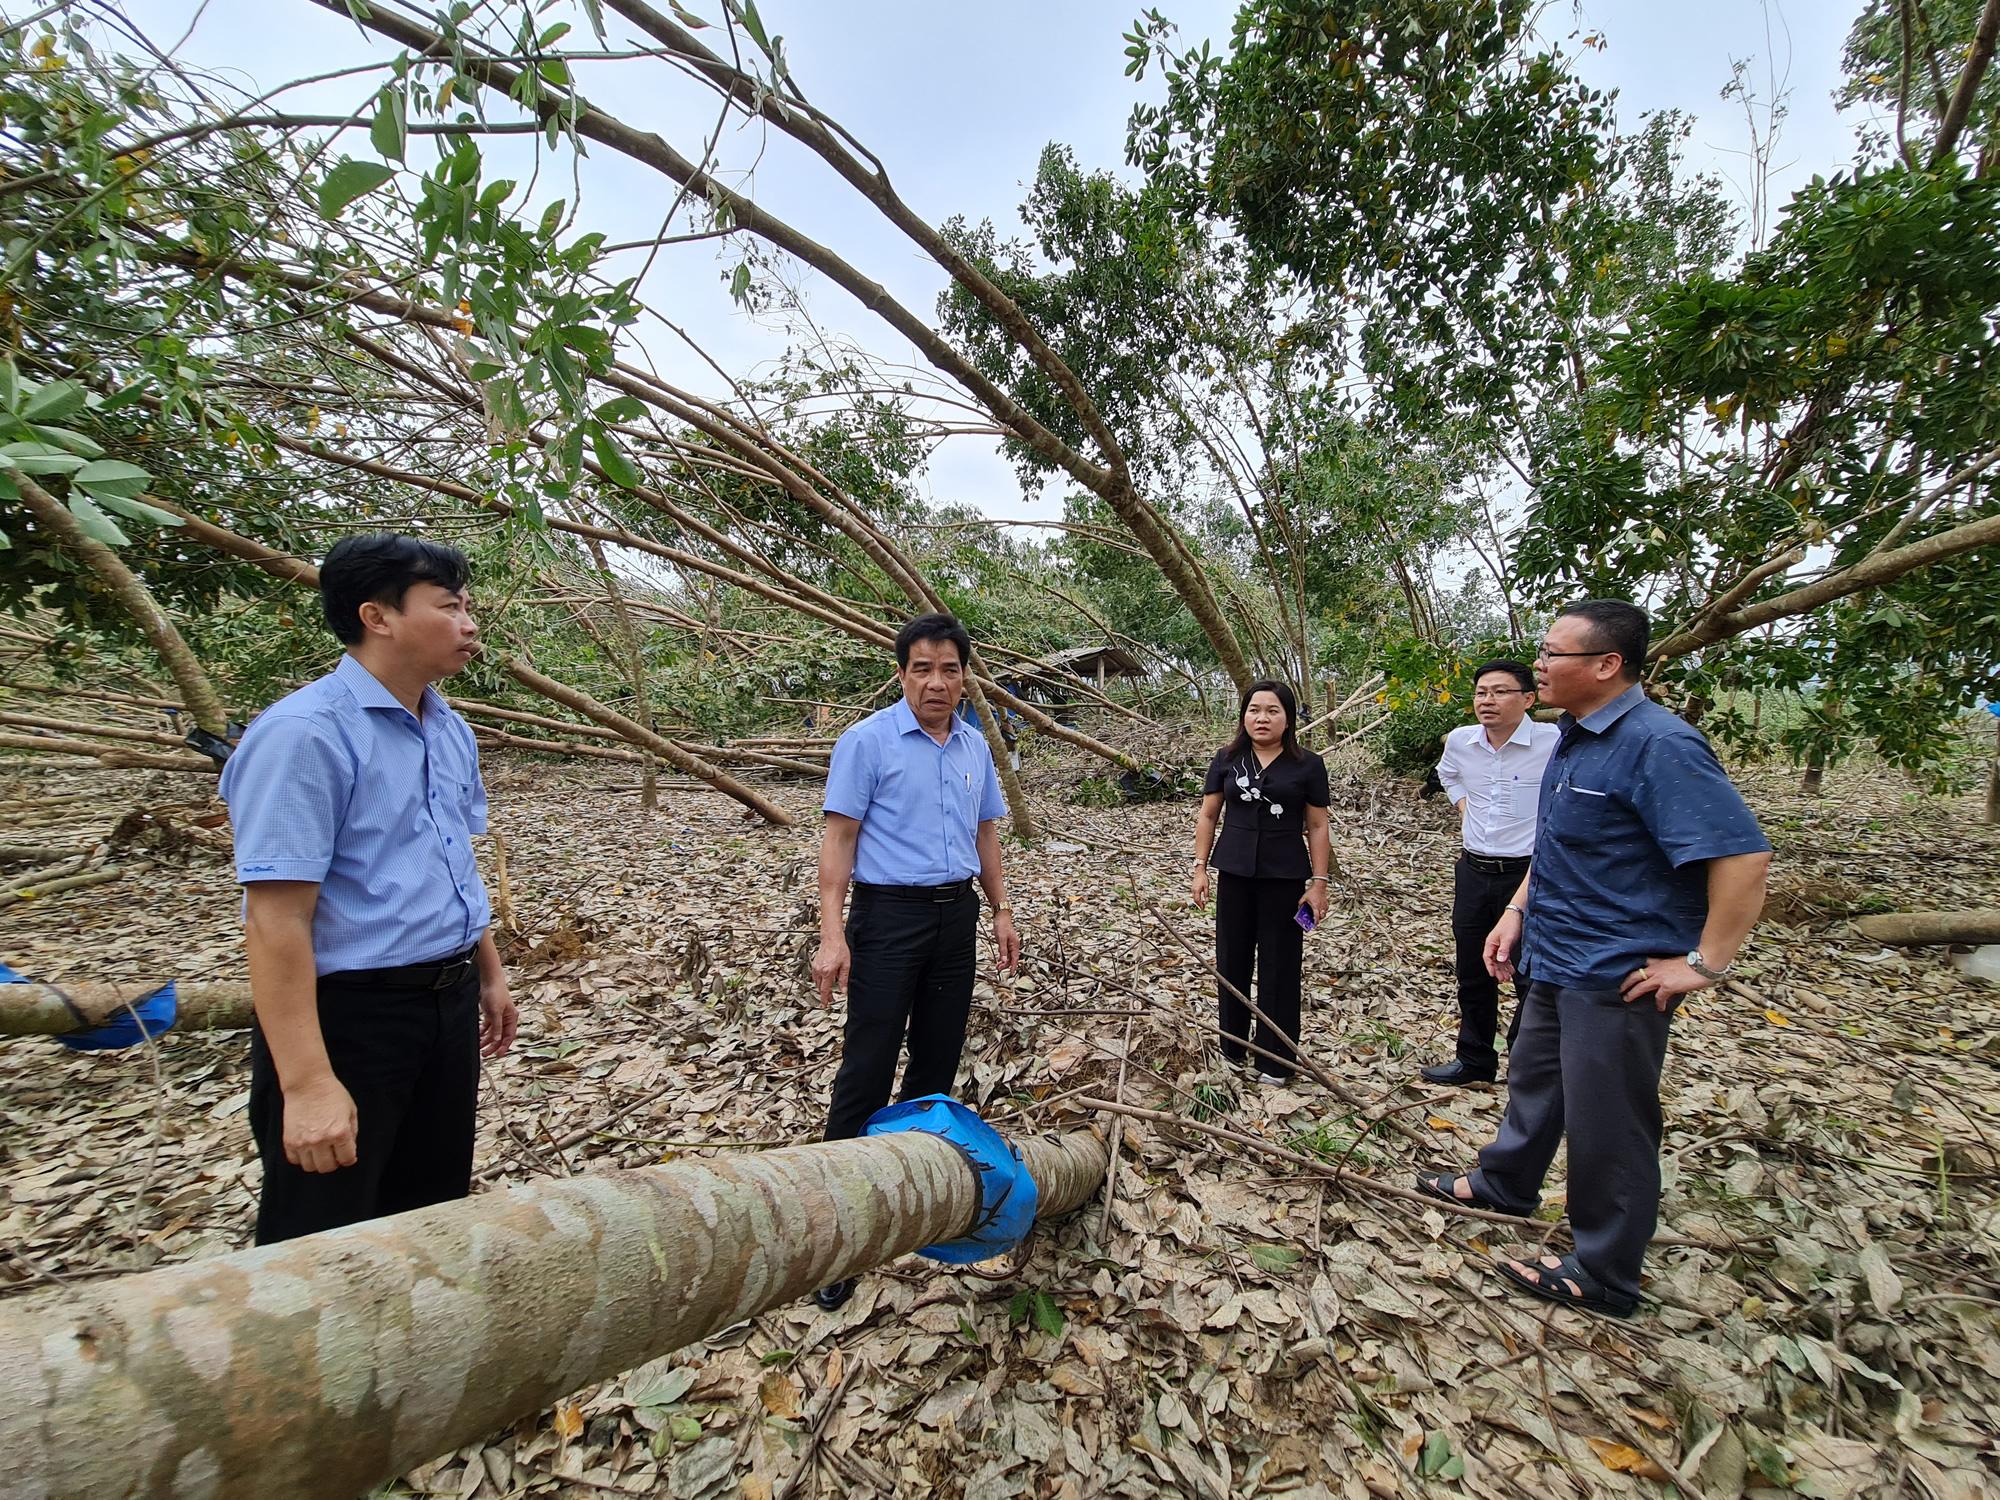 Phó Bí thư Quảng Nam: Đau xót khi nhìn nhà dân, cây ăn quả ngã đổ - Ảnh 6.